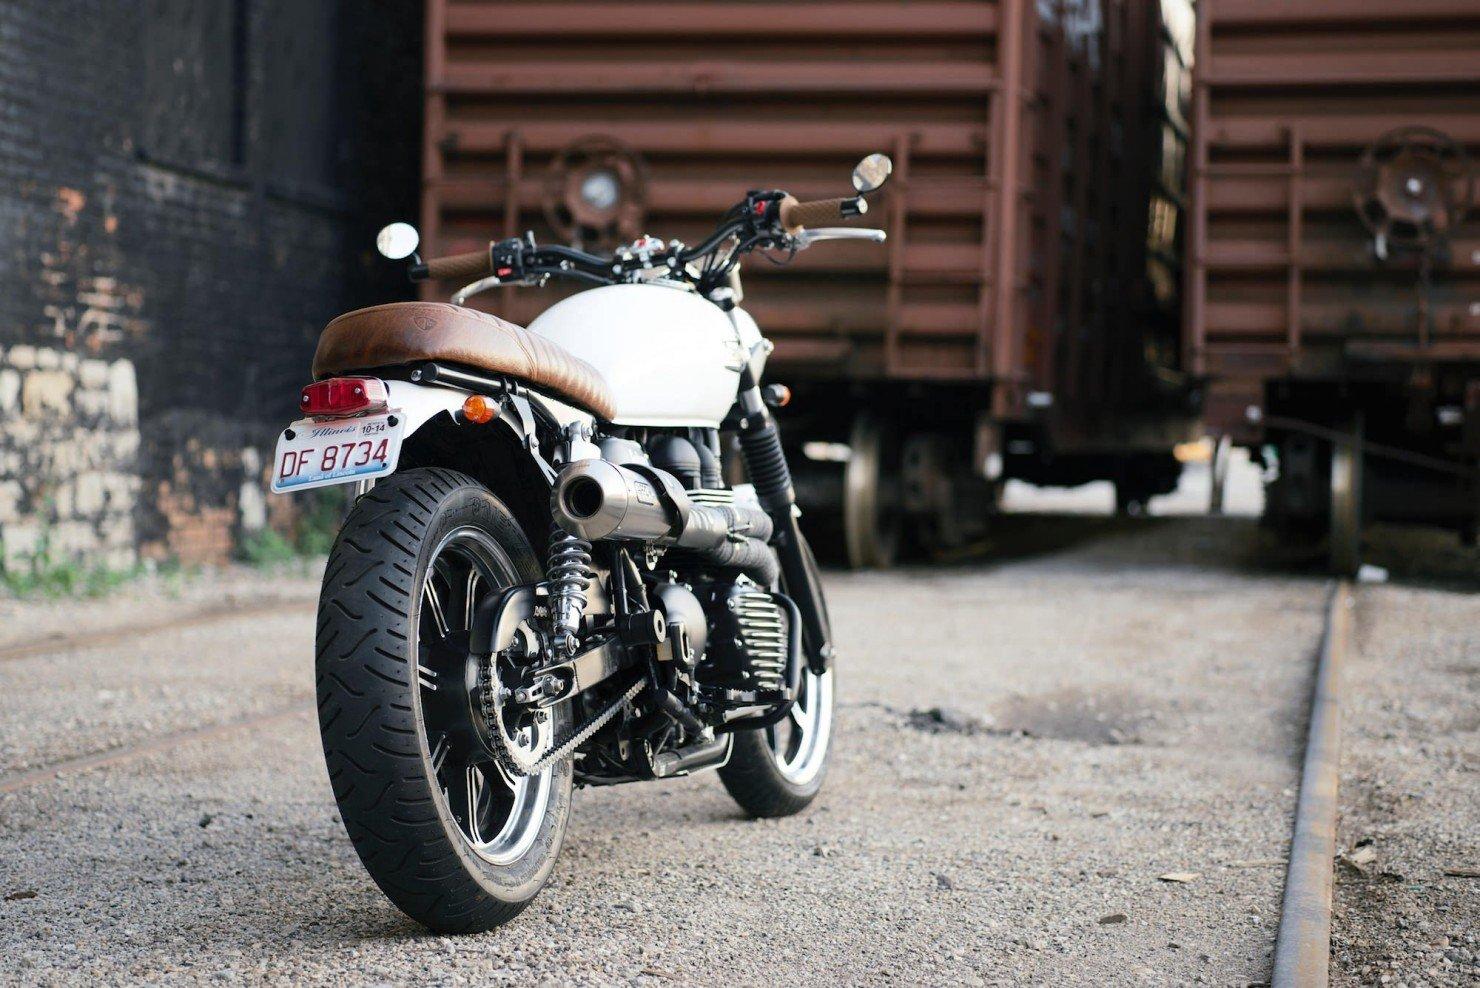 Triumph_Bonneville_Motorcycle_22